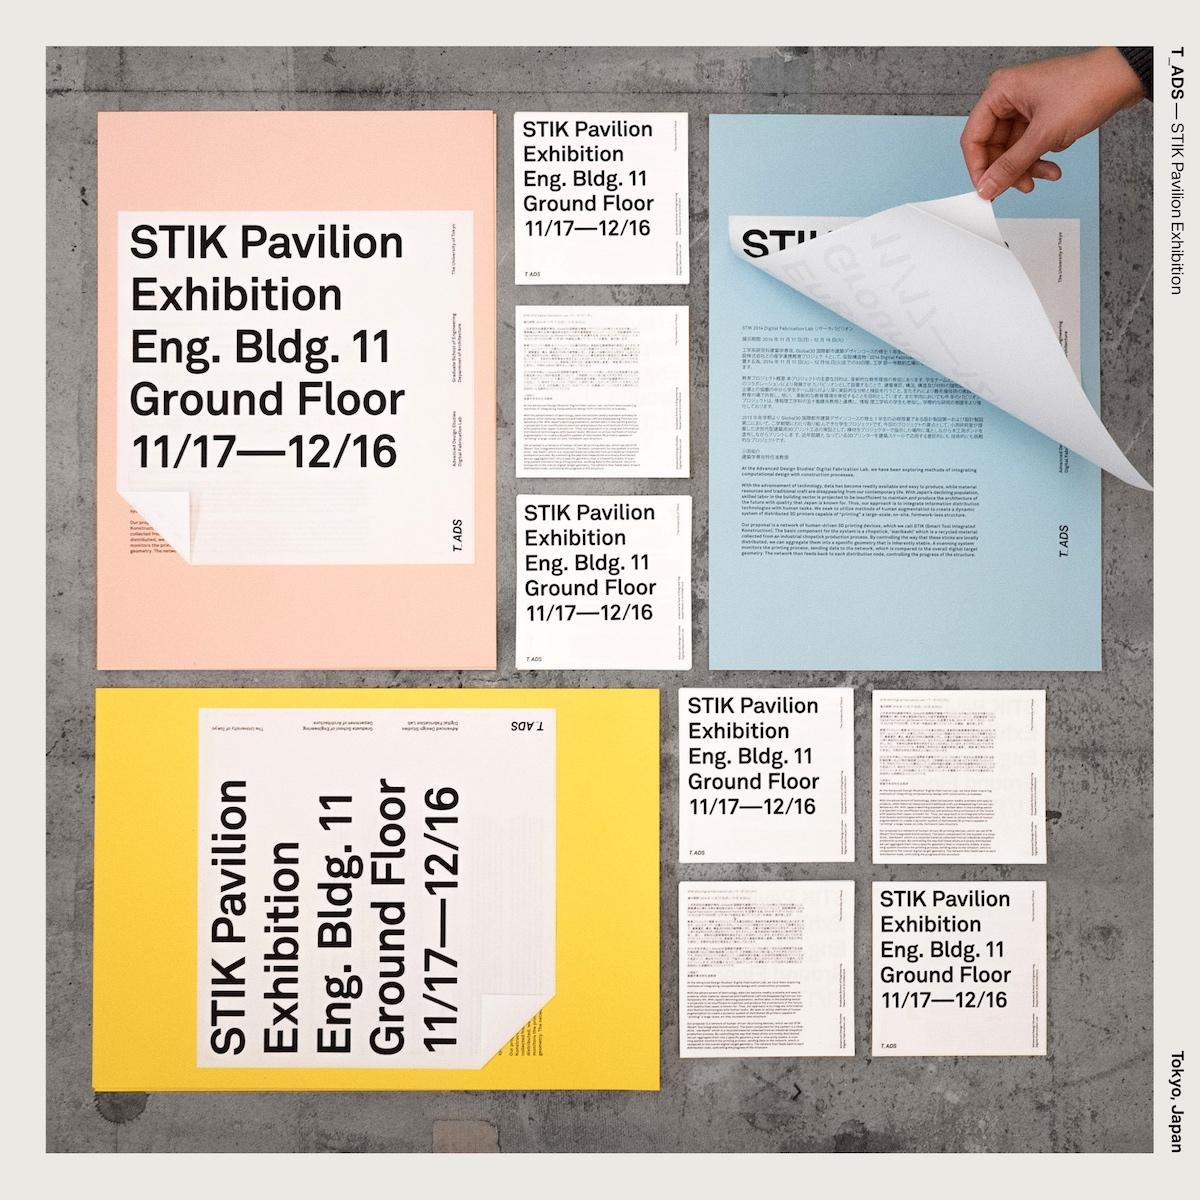 T_ADS — STIK Pavilion Exhibition